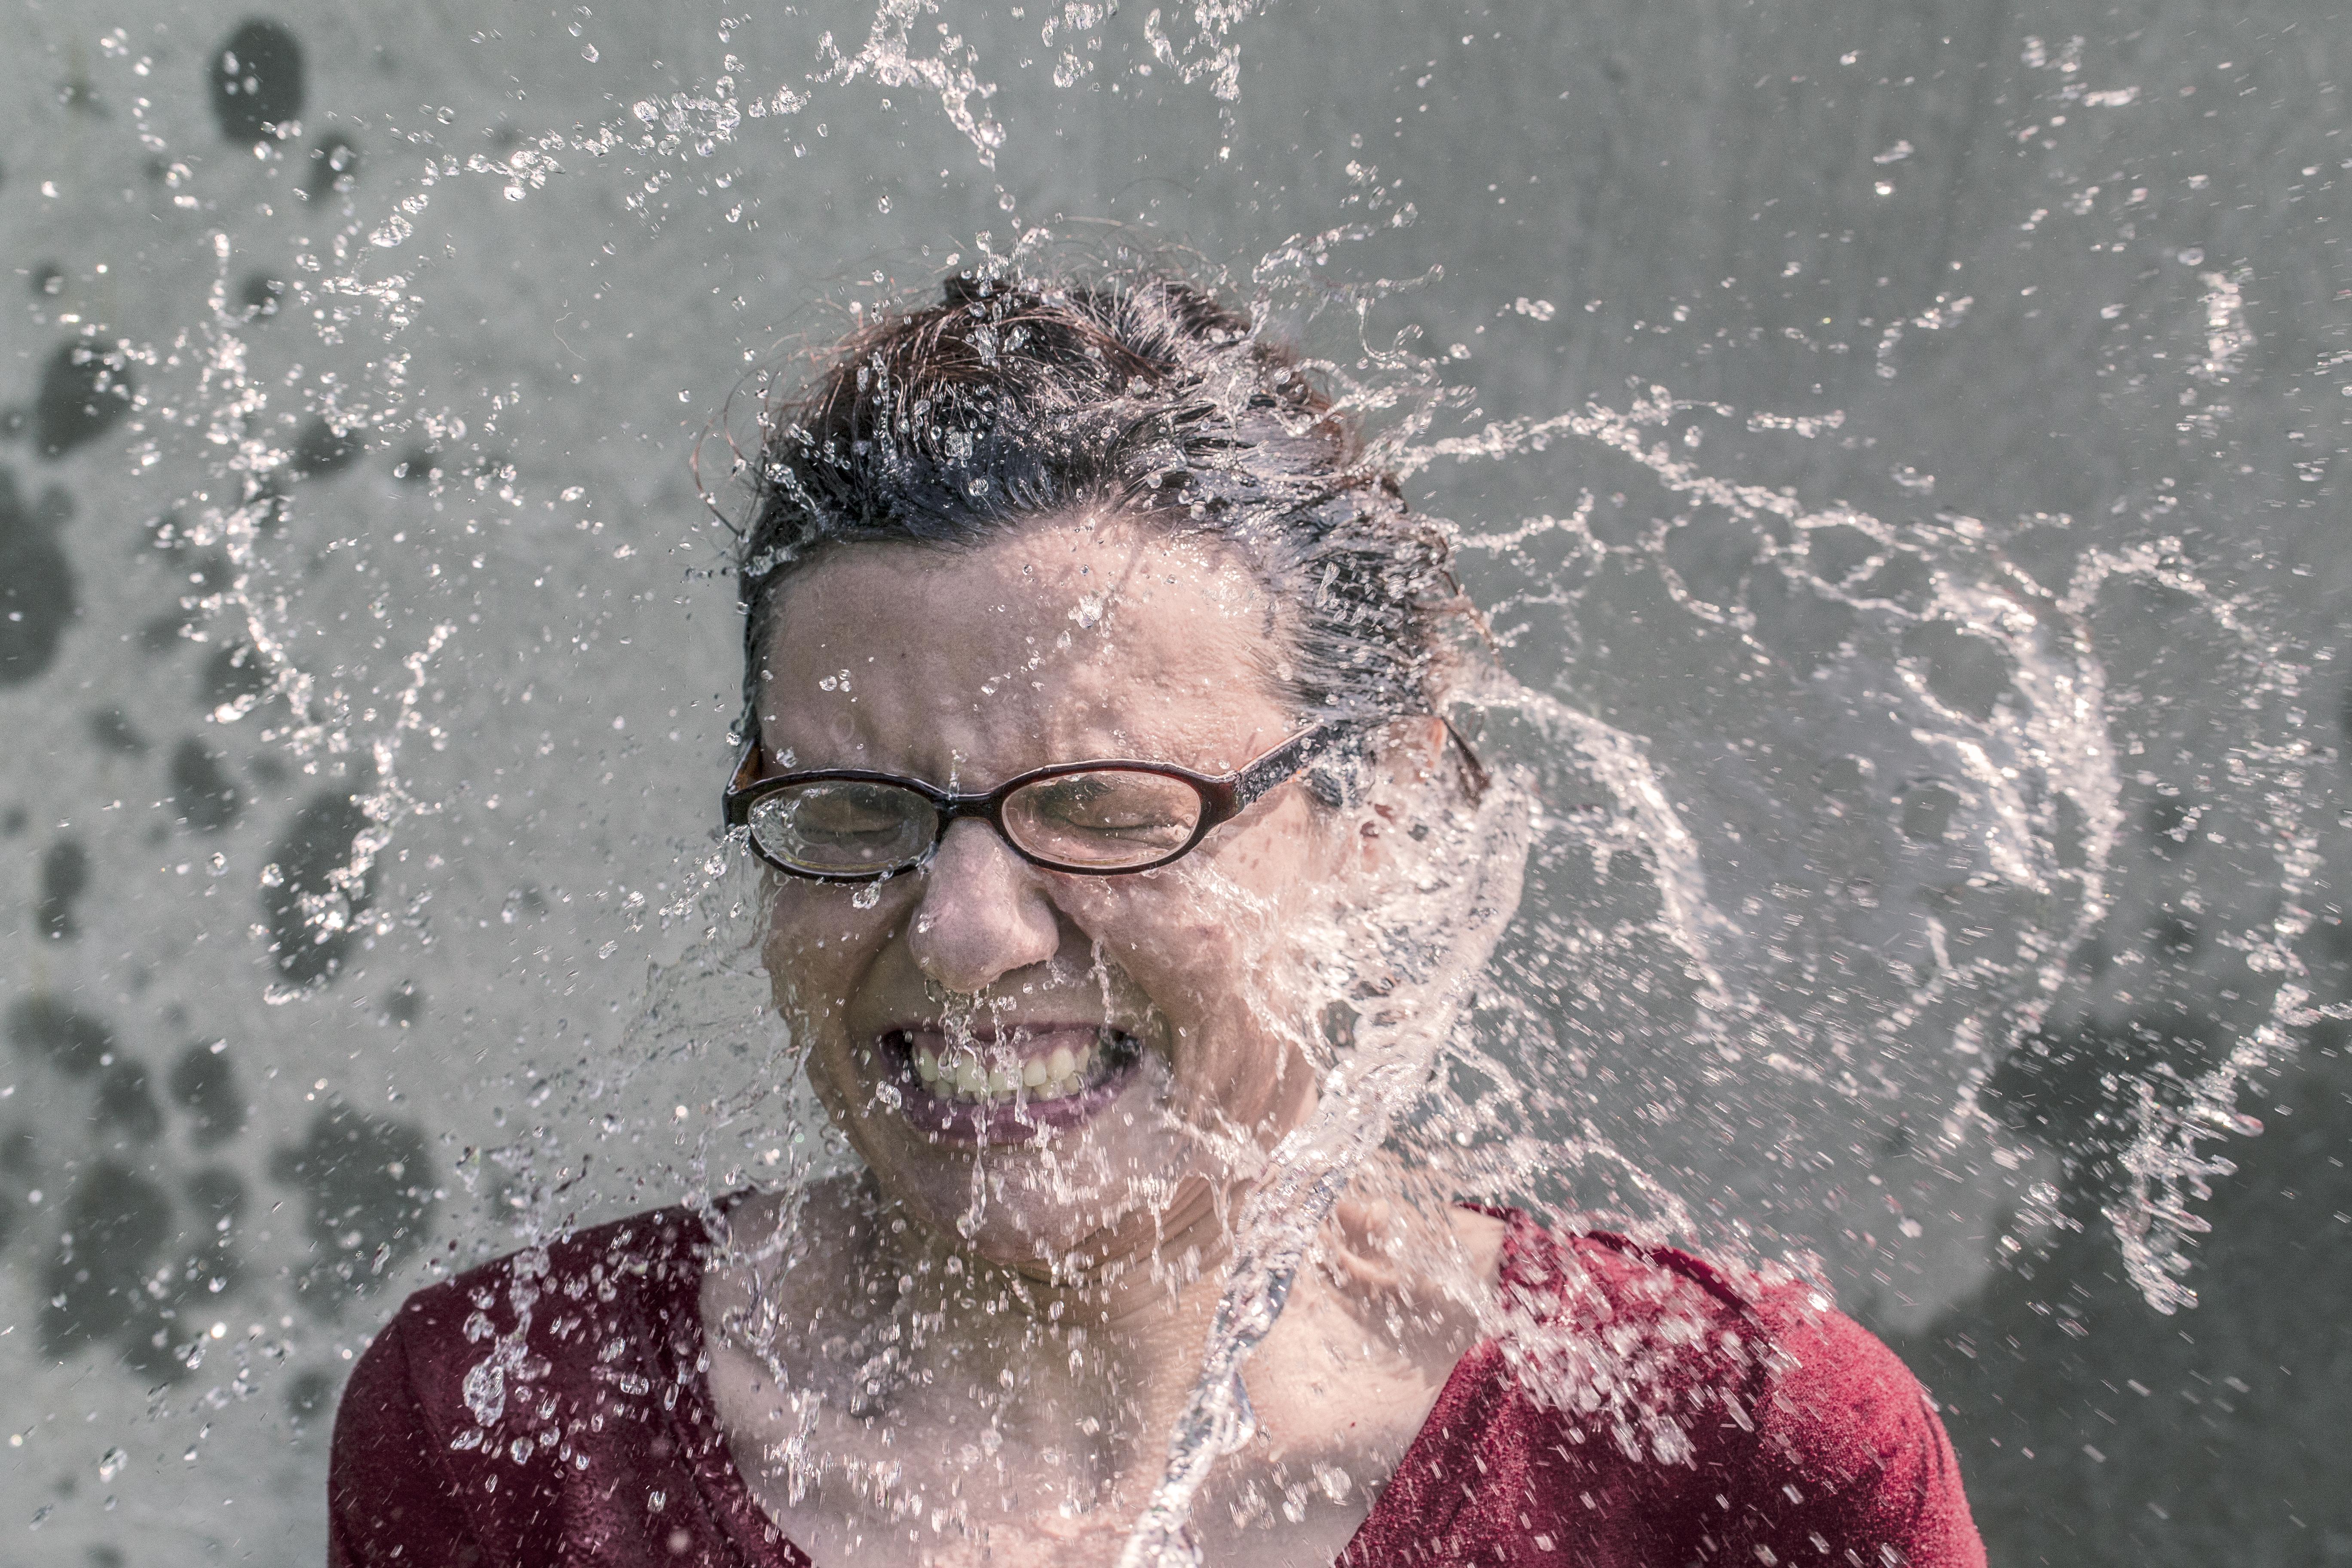 Frau wird nassgespritzt